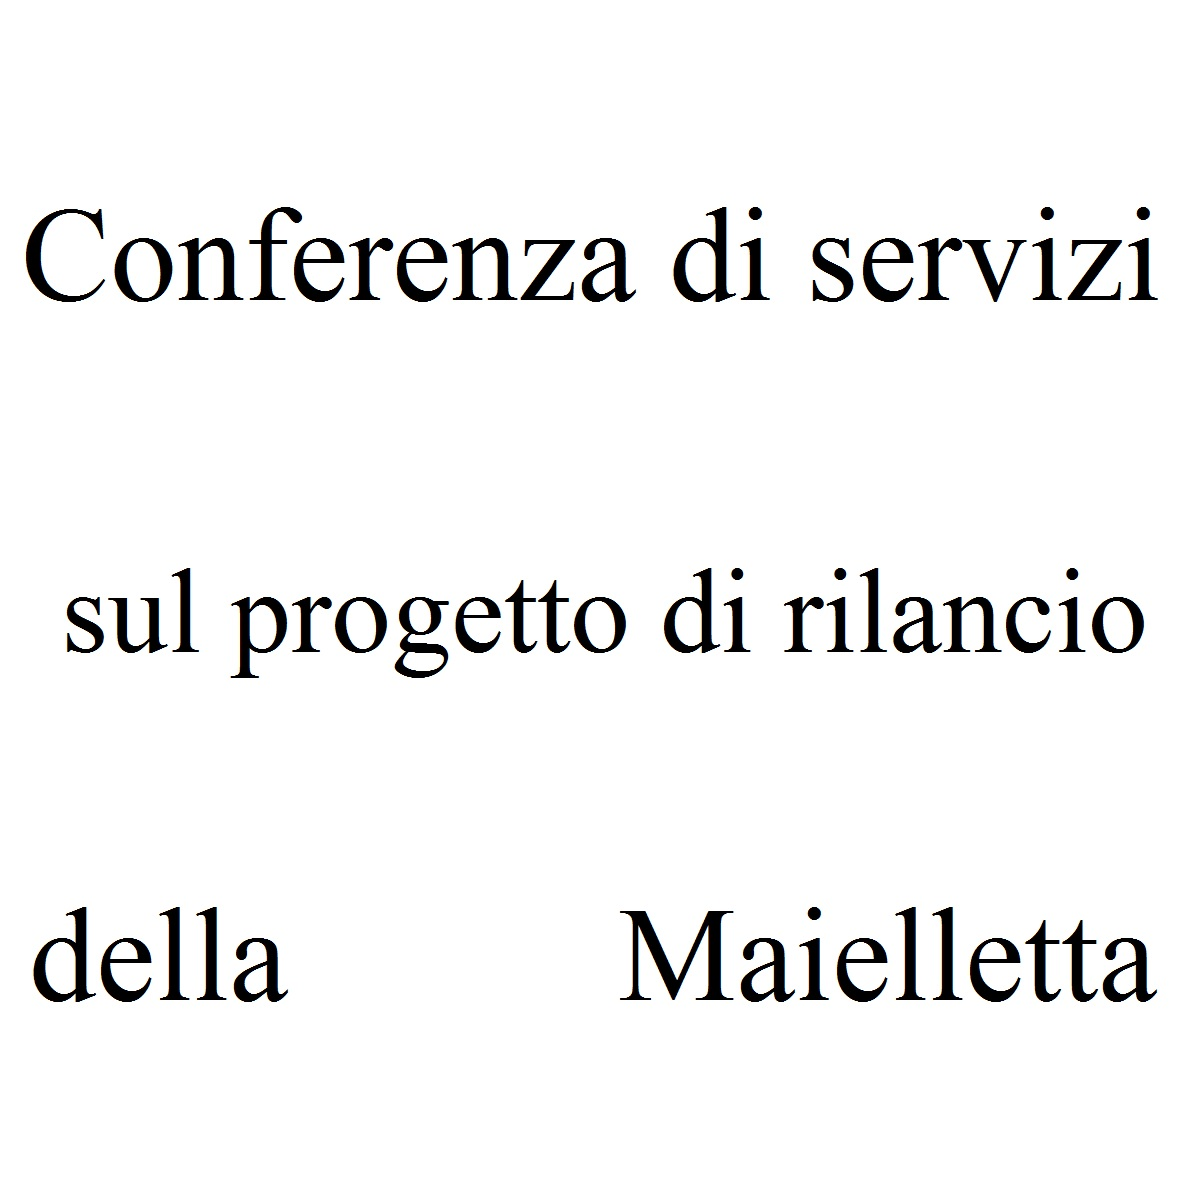 Conferenza di servizi sul progetto di rilancio della Maielletta foto